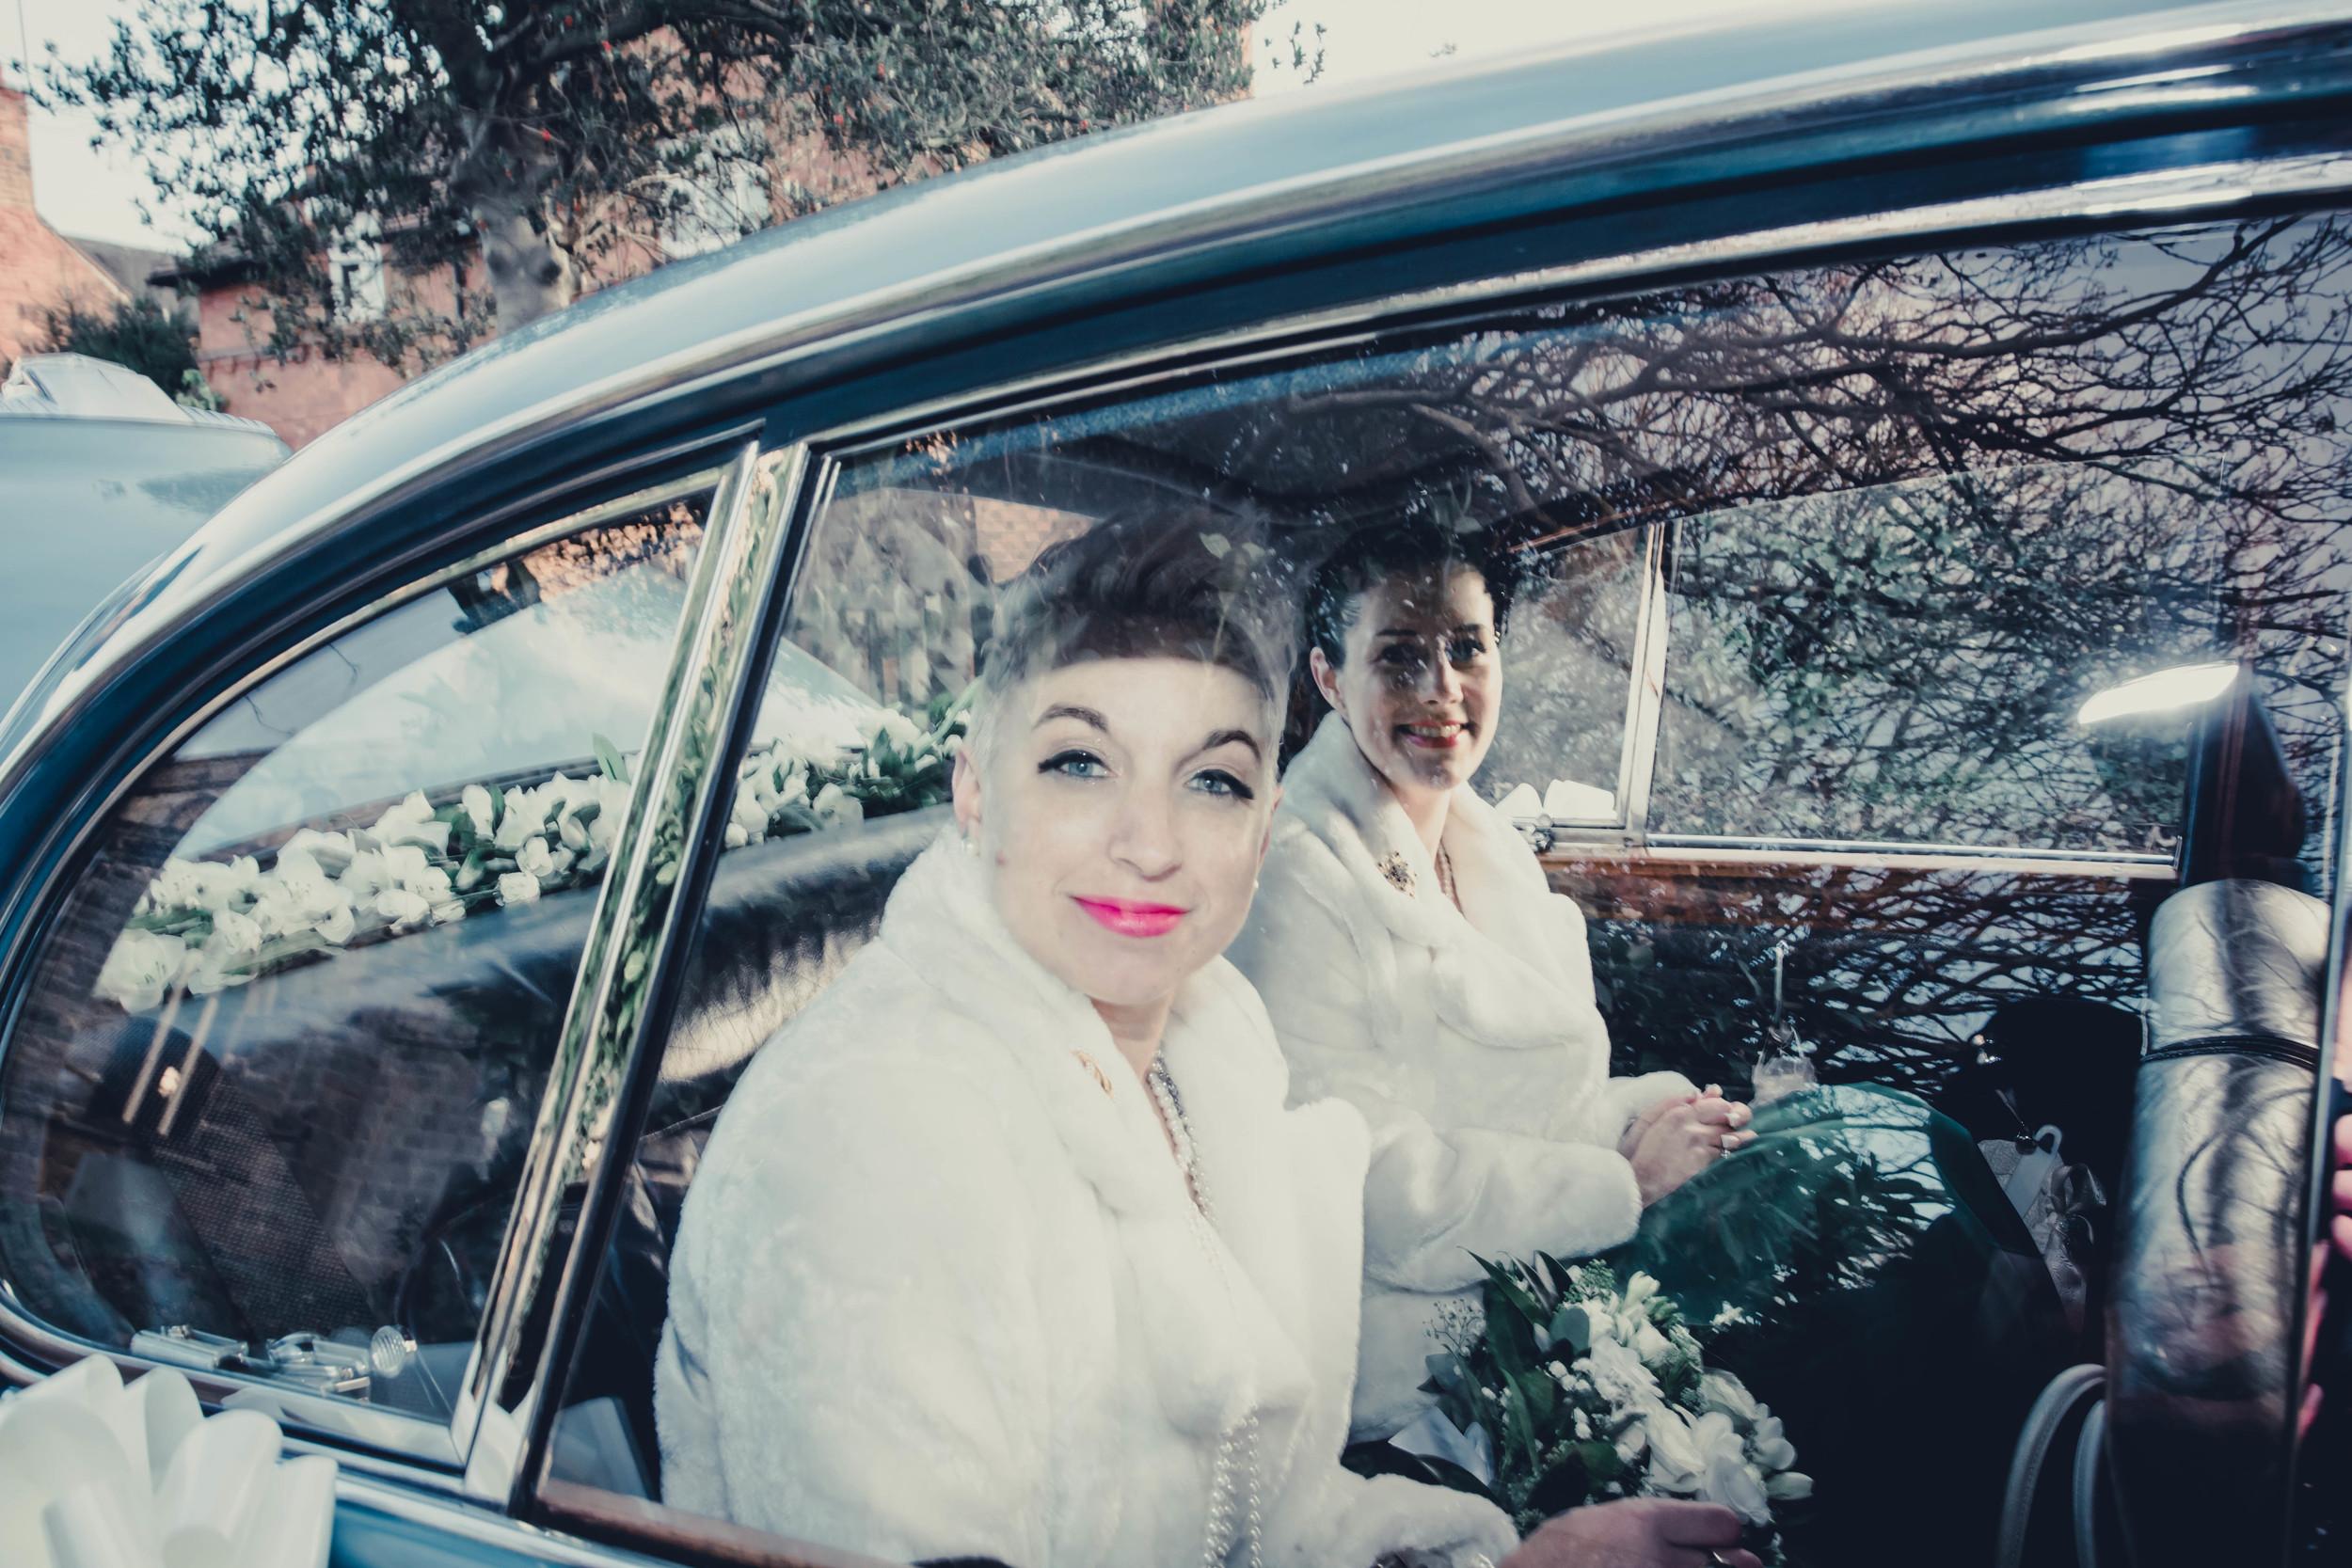 120 - Angela and Karls Wedding by www.markpugh.com -6861.jpg